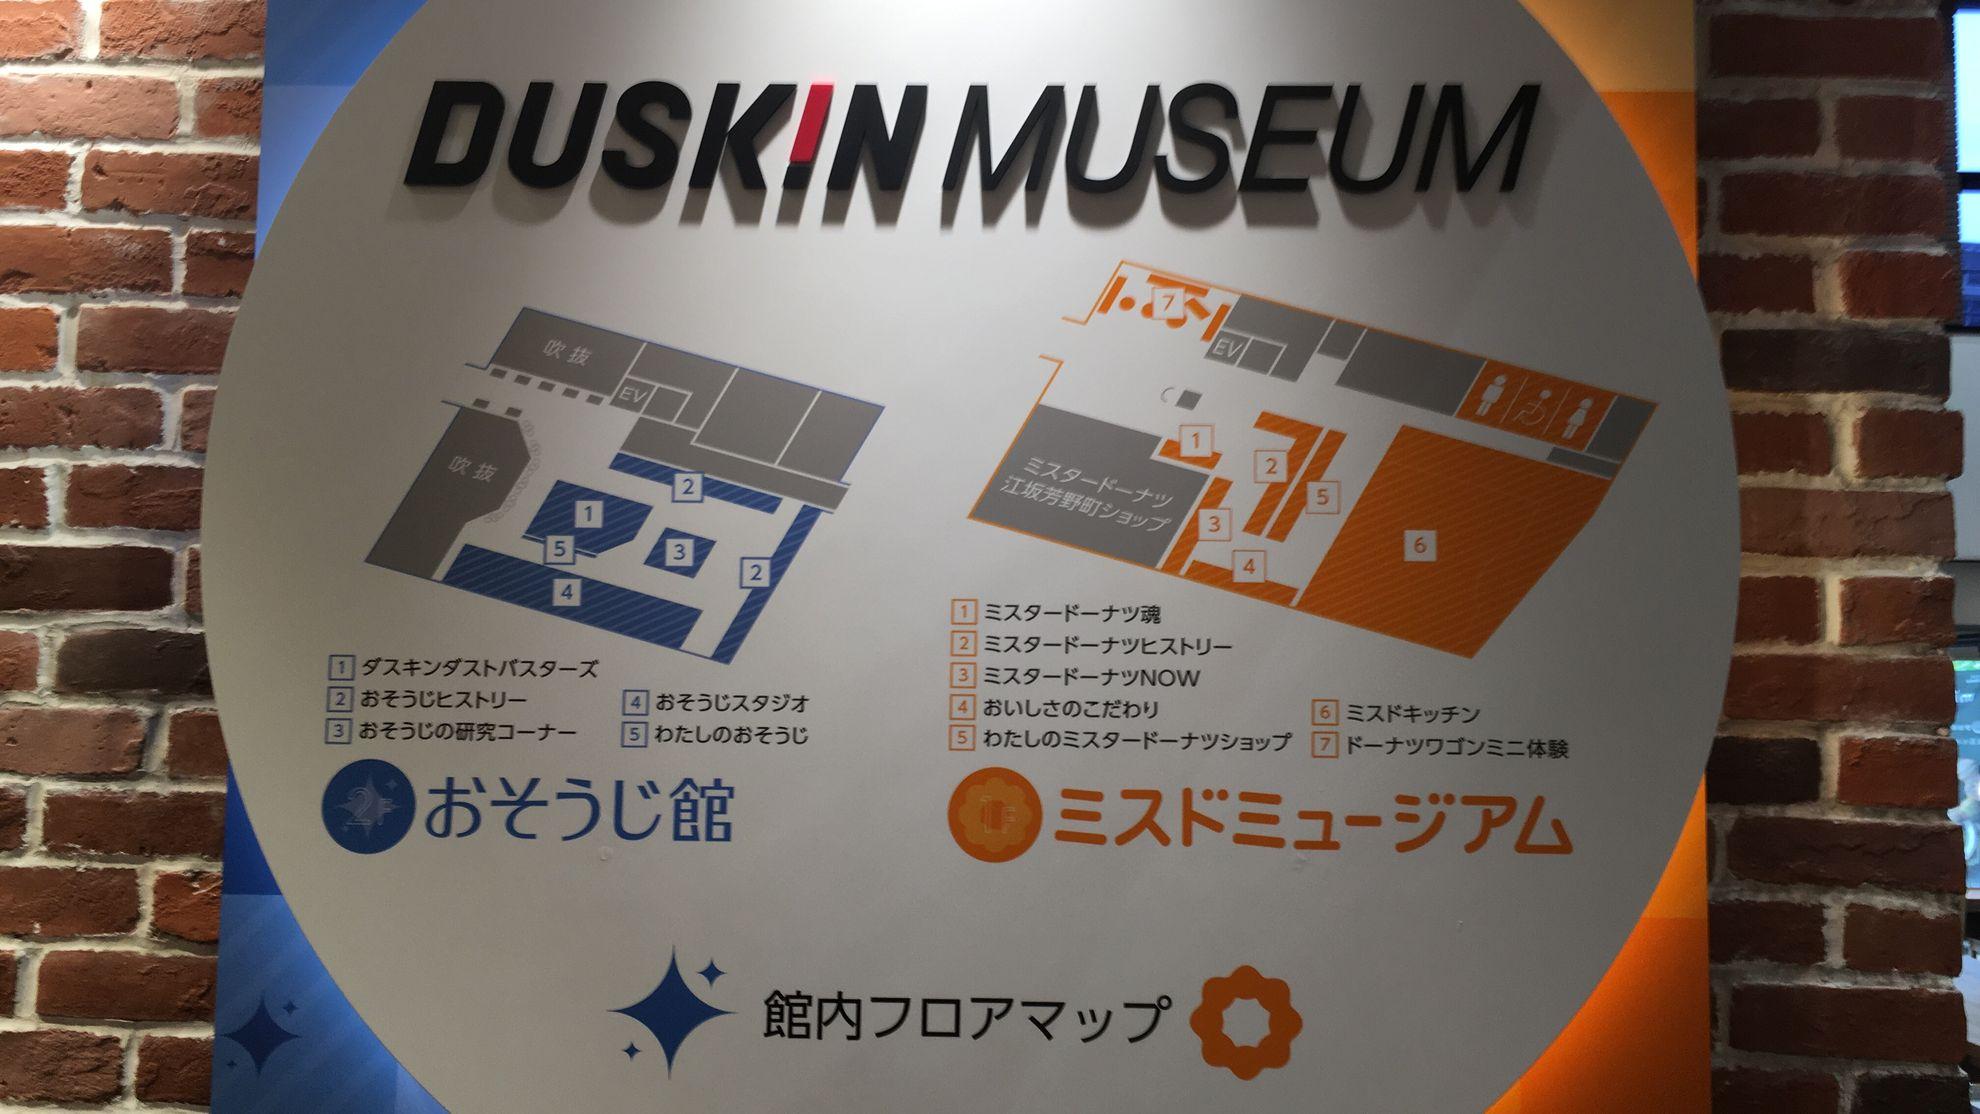 ダスキンミュージアムの施設概要